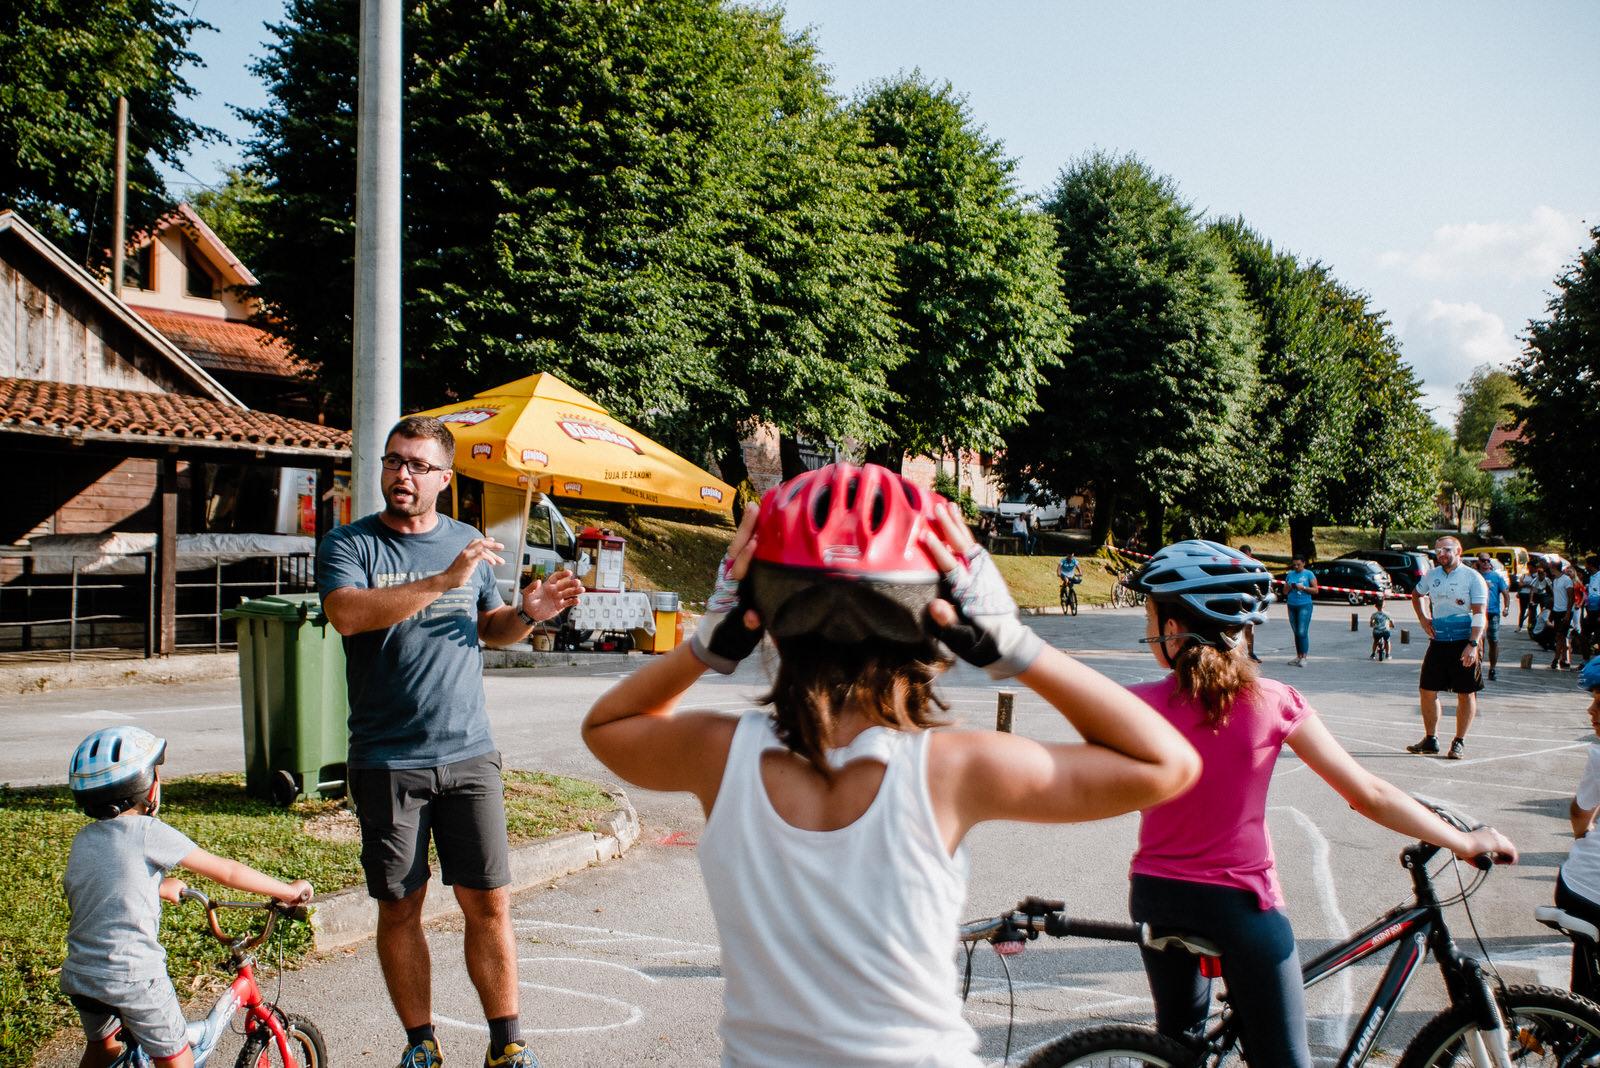 likaclub_rakovica_1-mala-biciklijada_2019-5